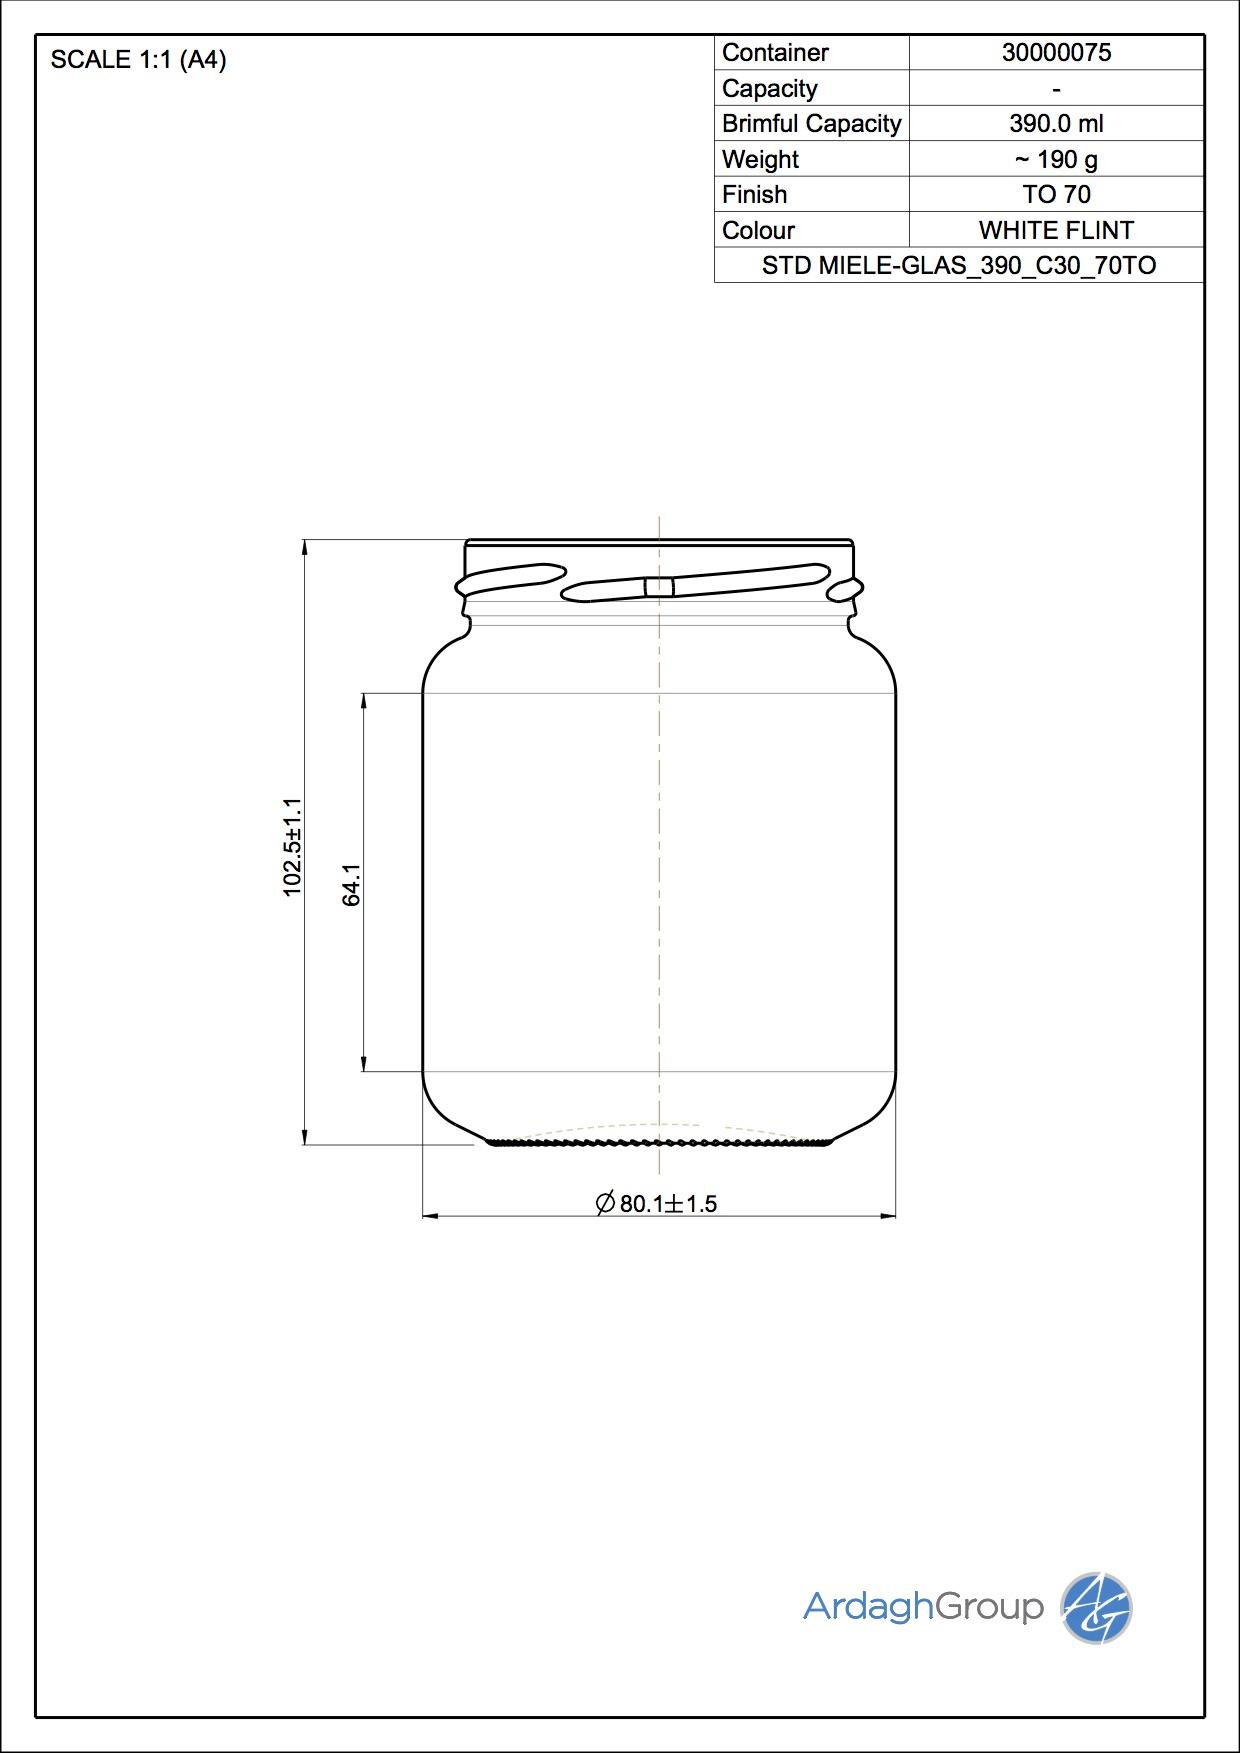 Miele-Glas 390 C30 70TO